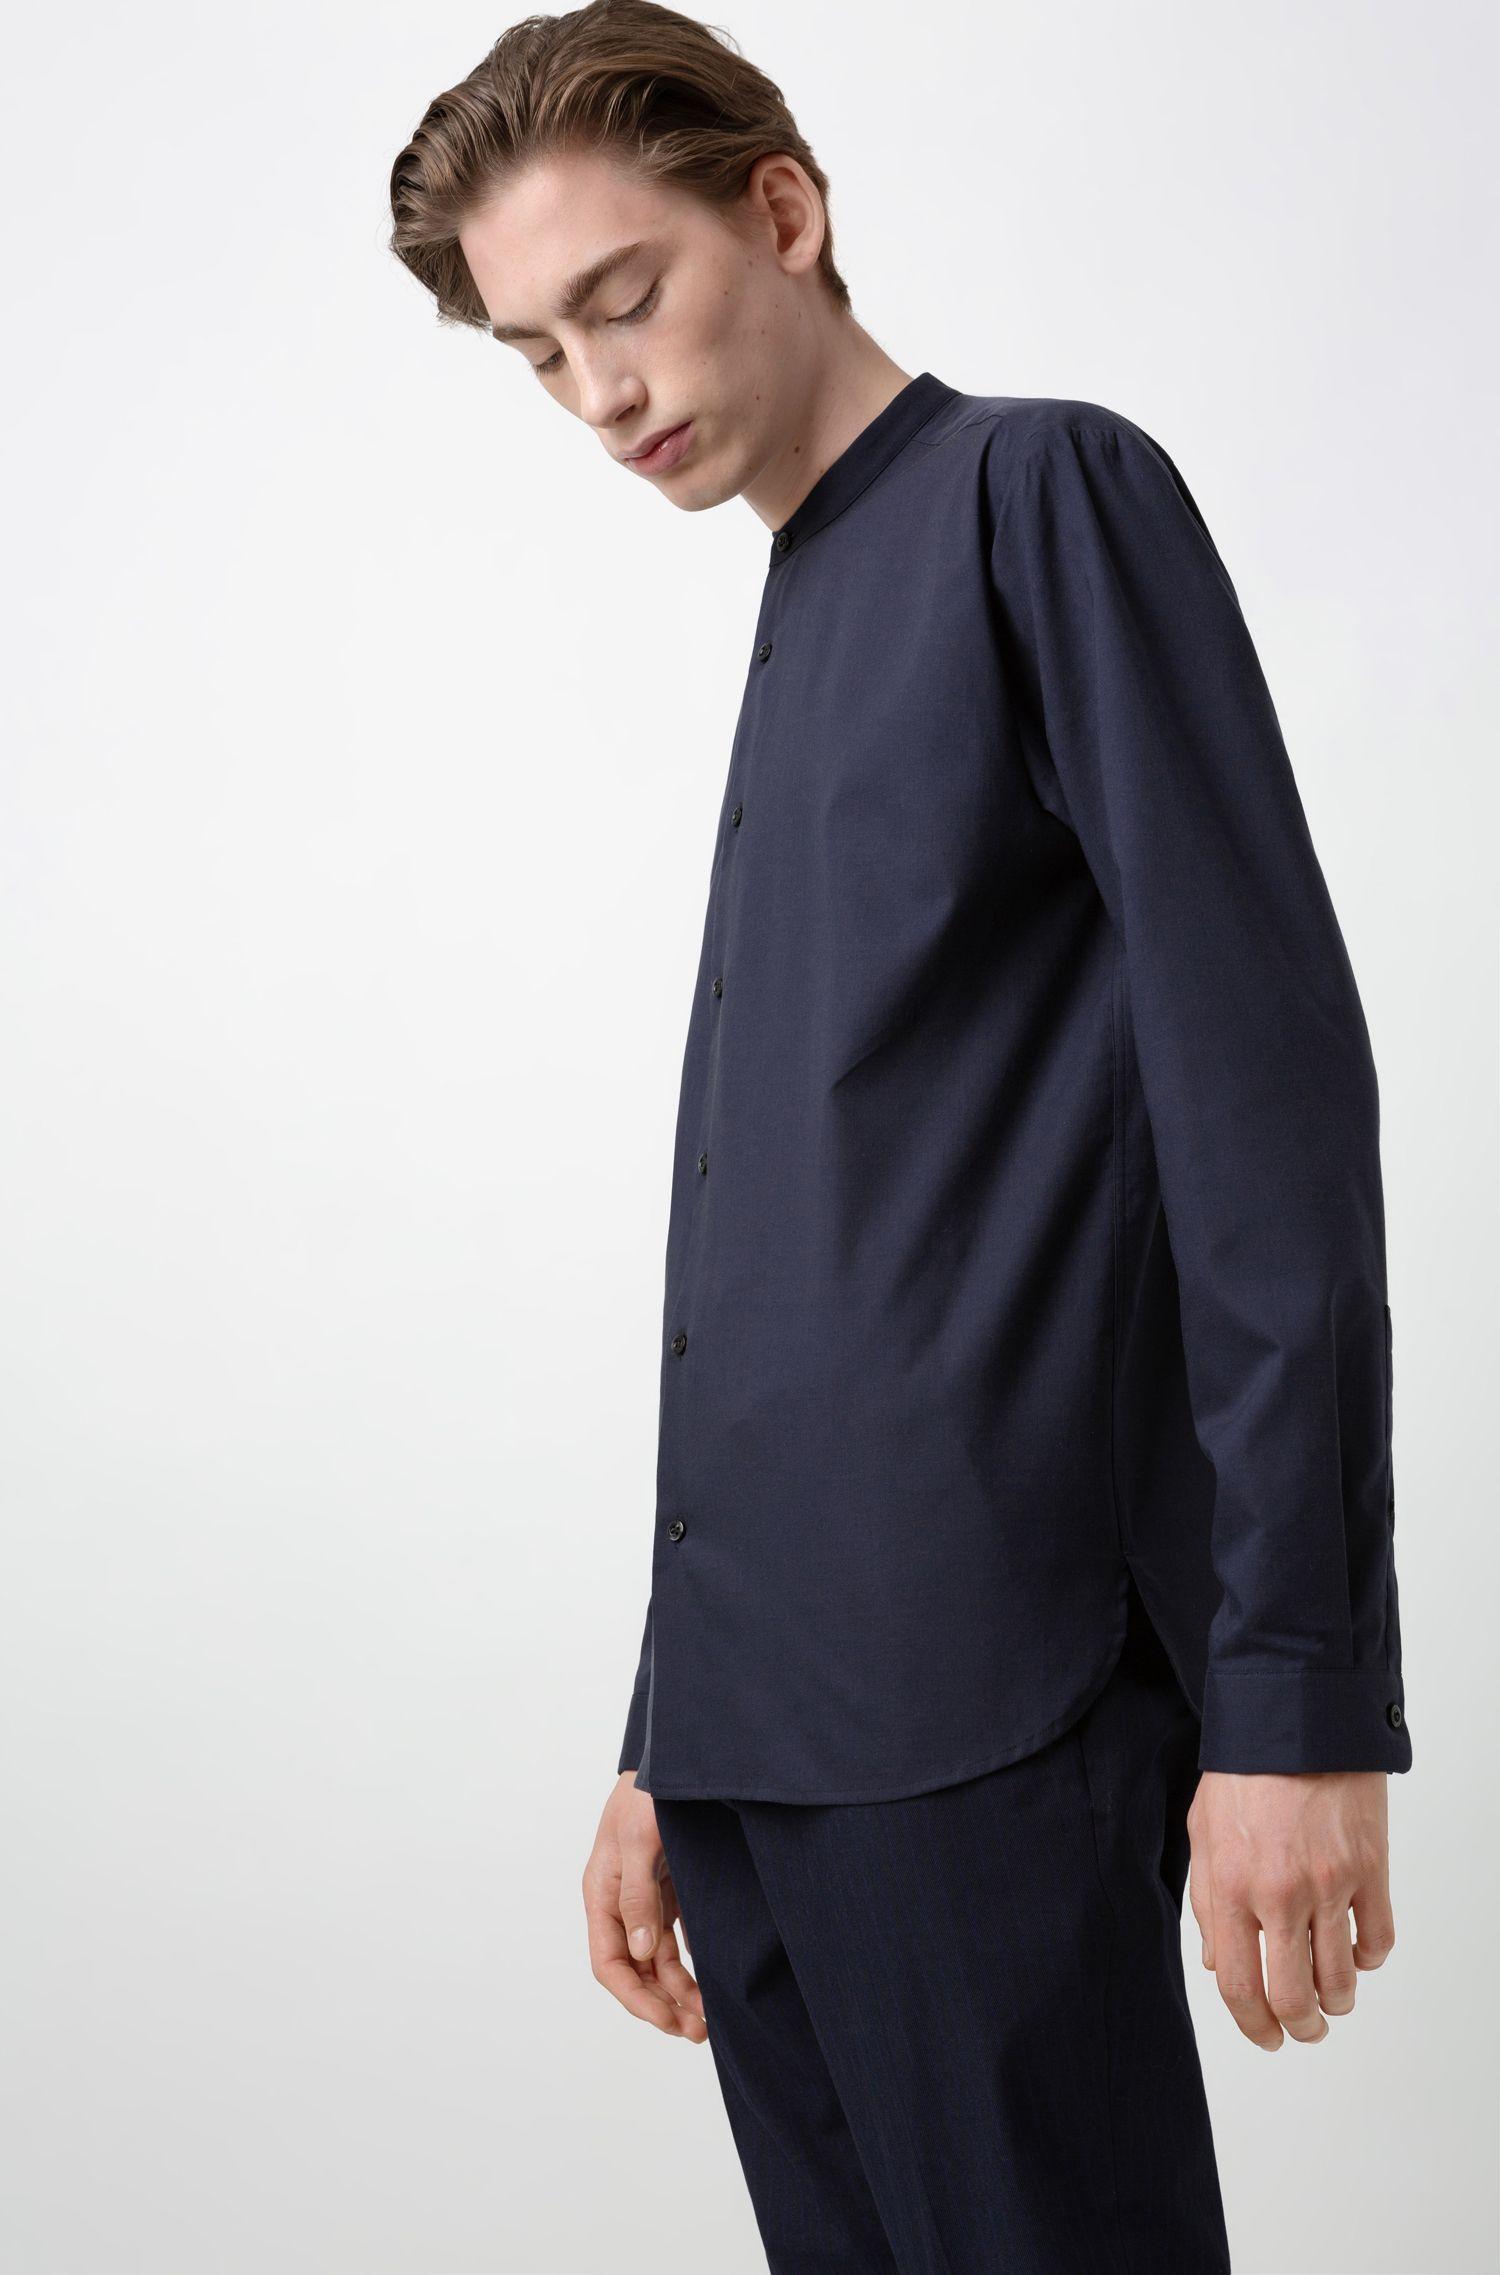 Relaxed-Fit Hemd mit Stehkragen, Dunkelblau